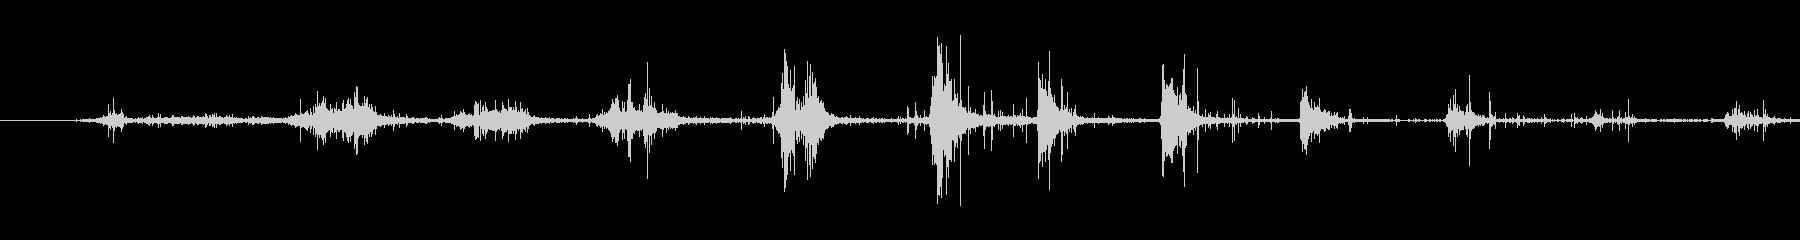 ウォークバイインダートの未再生の波形